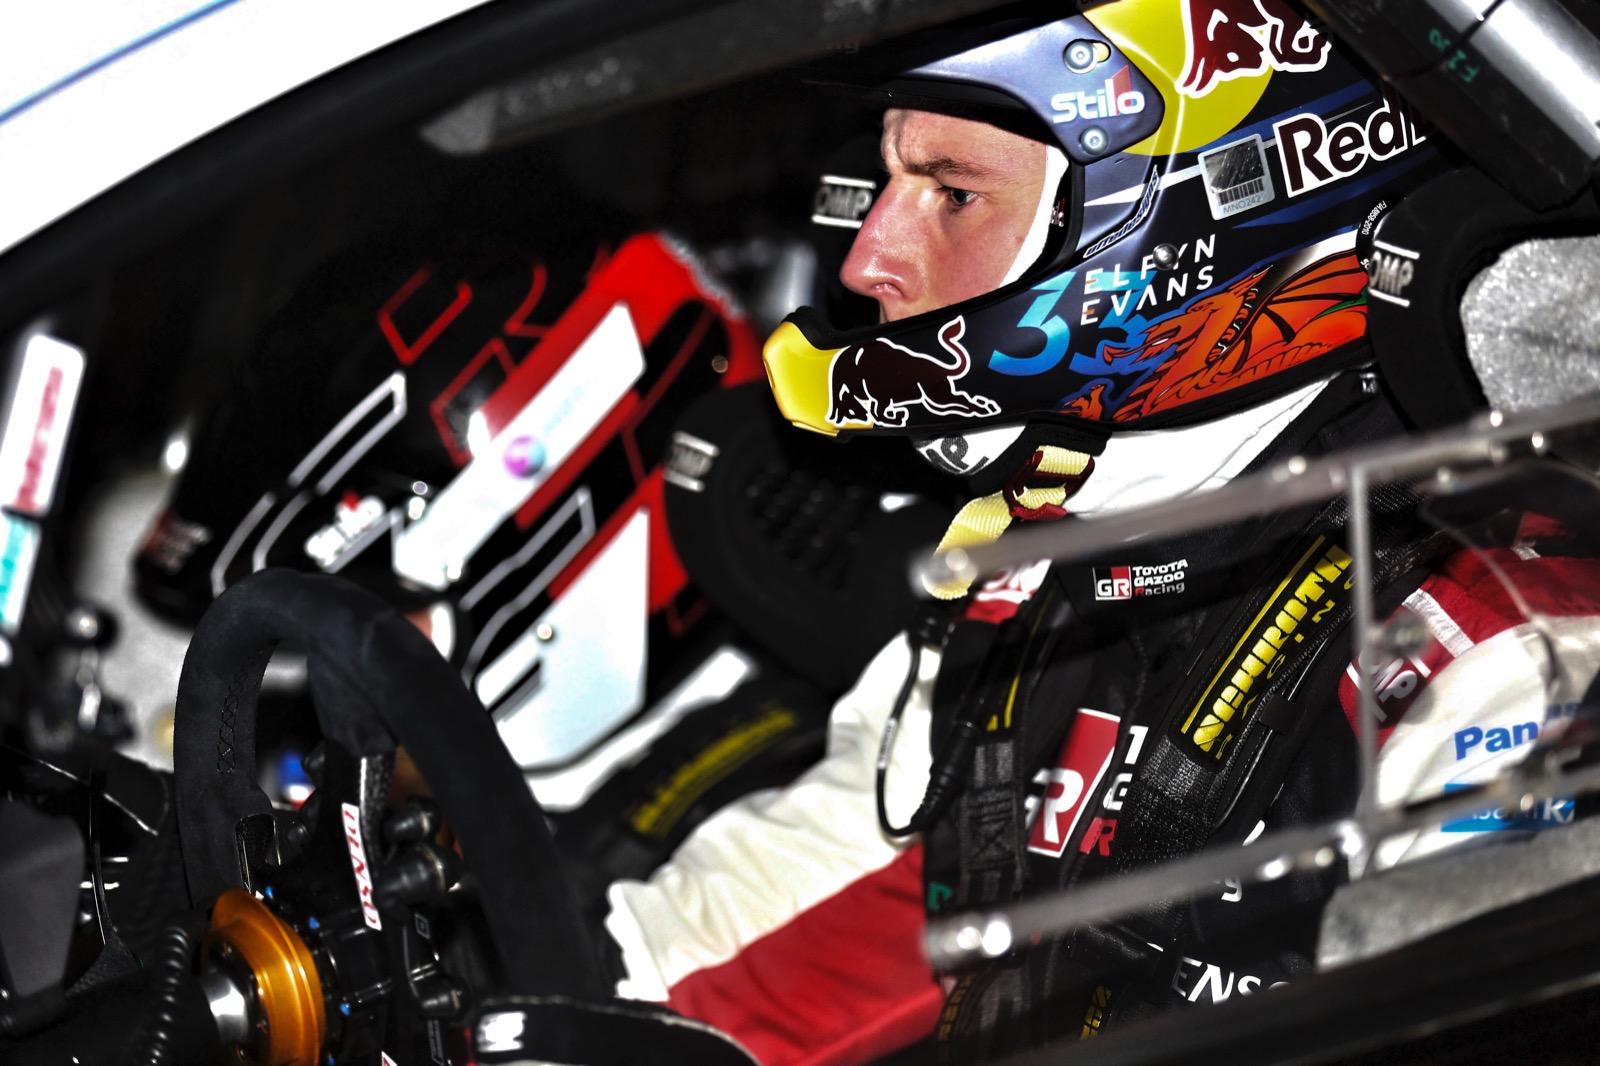 WRC: 89º Rallye Automobile de Monte-Carlo [18-24 Enero] - Página 6 EsUGl7tW4AEpE9-?format=jpg&name=large